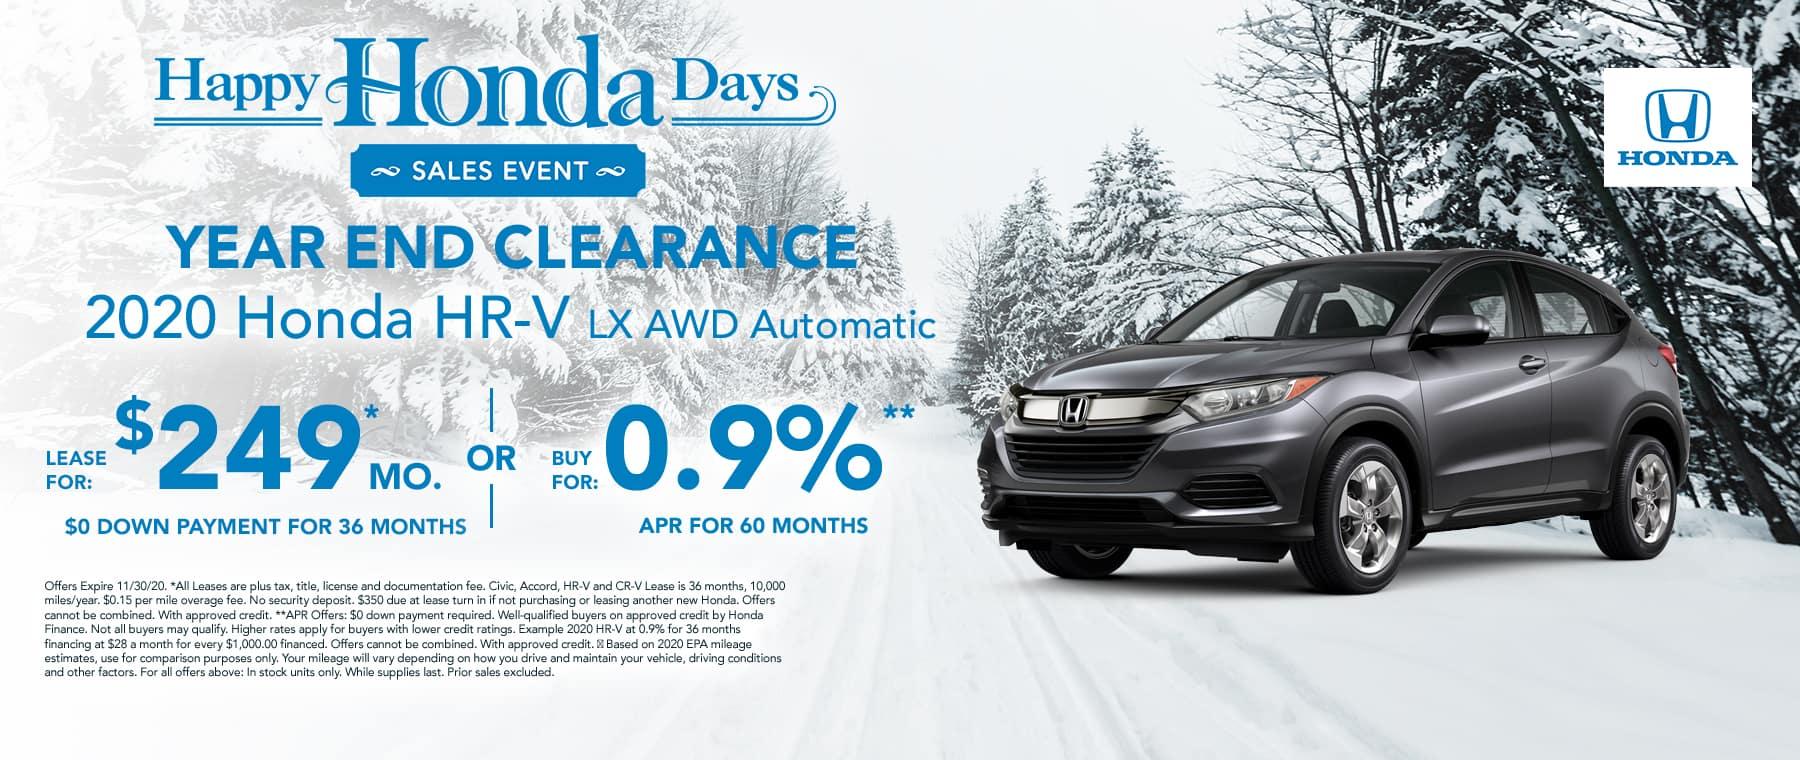 New Honda HR-V for $249 per month